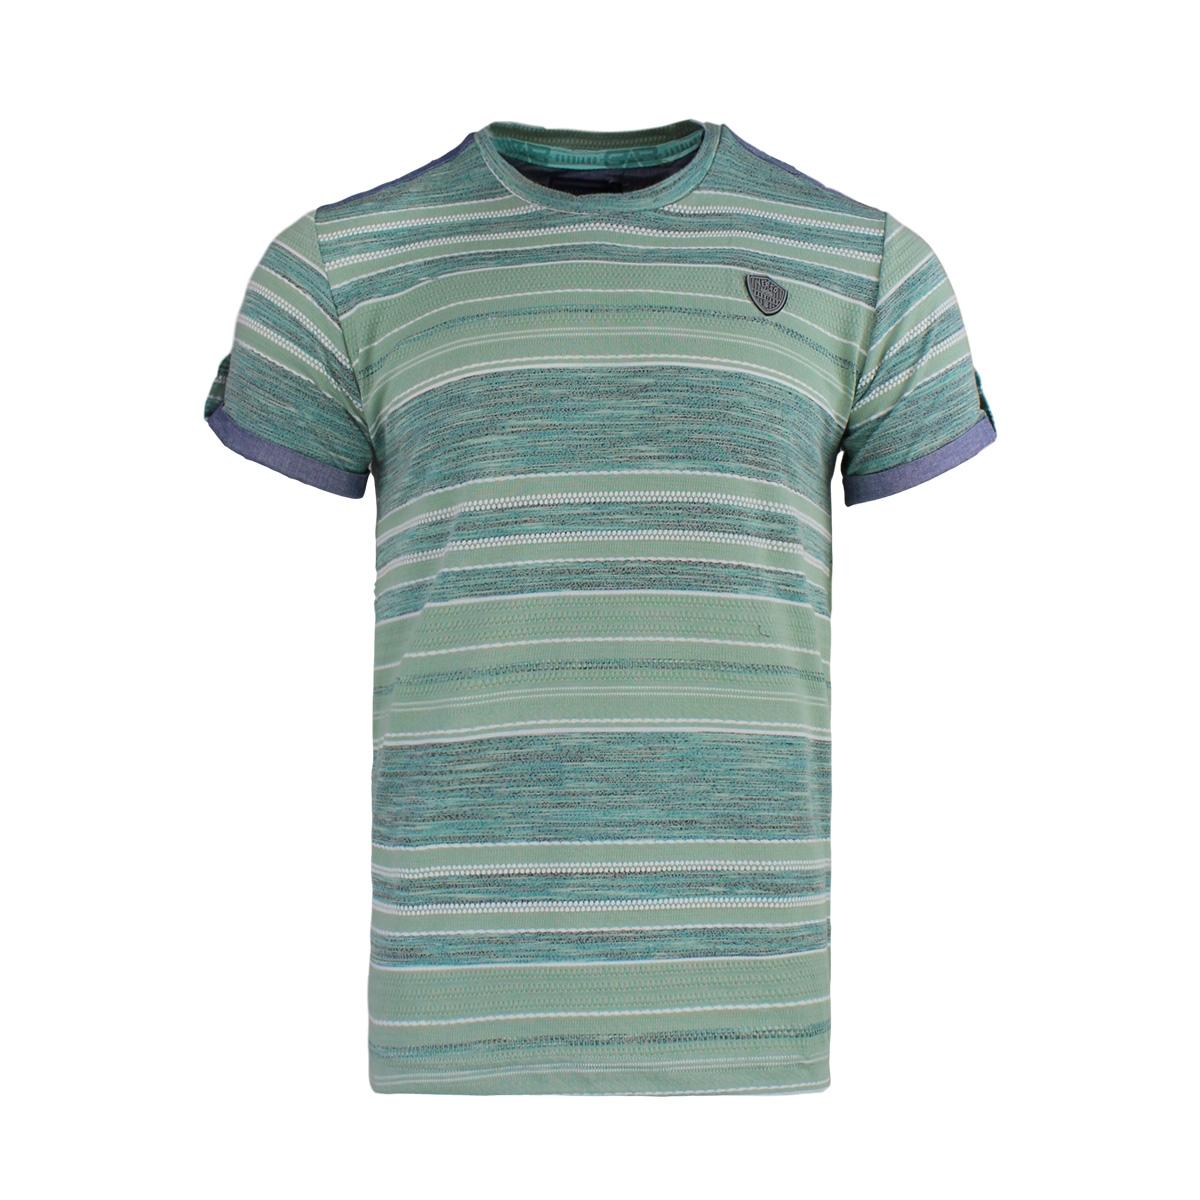 t shirt 15122 gabbiano t-shirt green